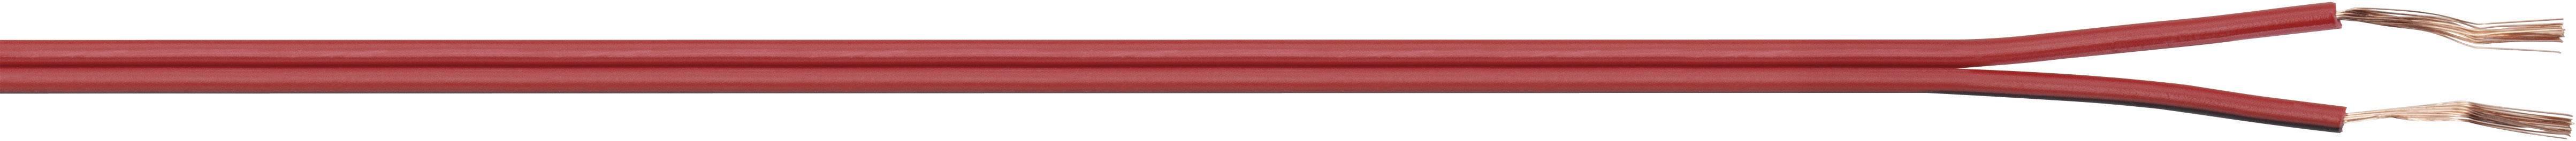 Licna LappKabel 49900255, 2x 0,38 mm², PVC, 1 m, červená/červenočerná